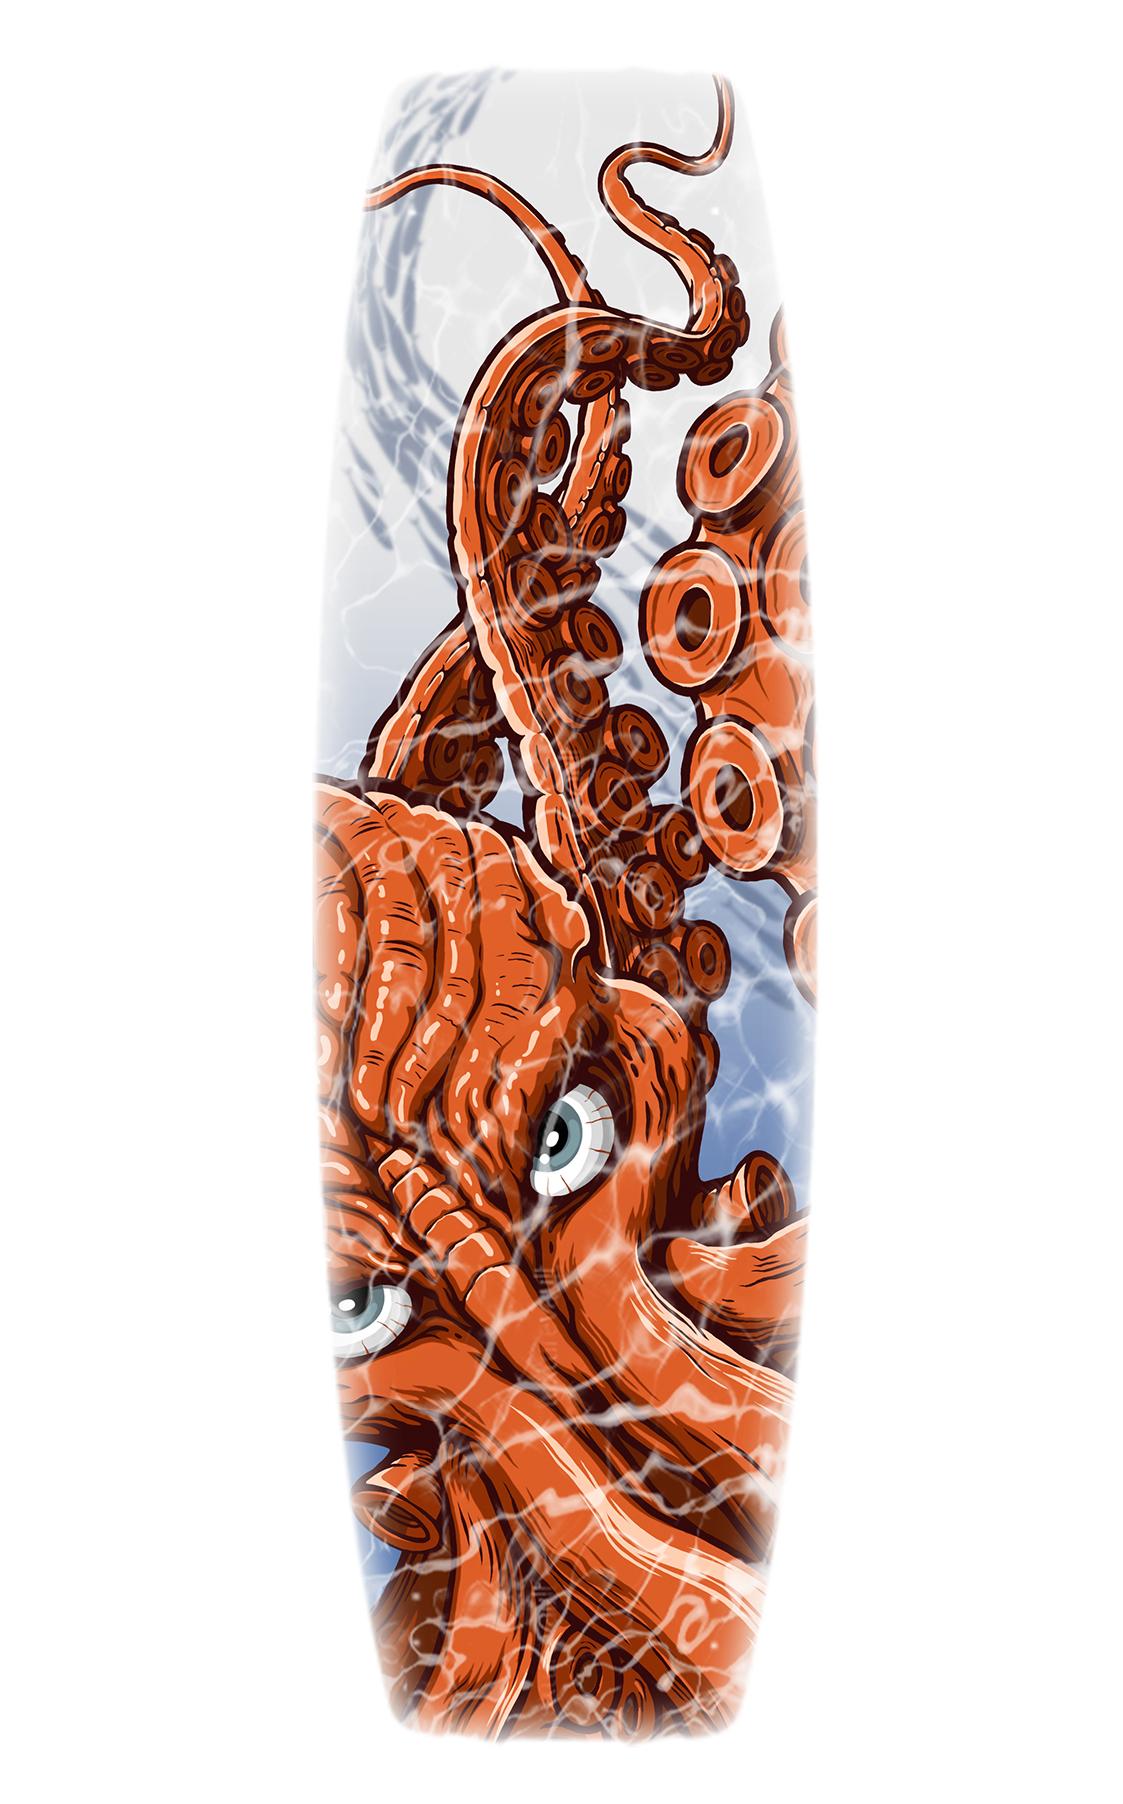 Дизайн принта досок для водных видов спорта (вейк, кайт ) фото f_343588263d75fe02.jpg